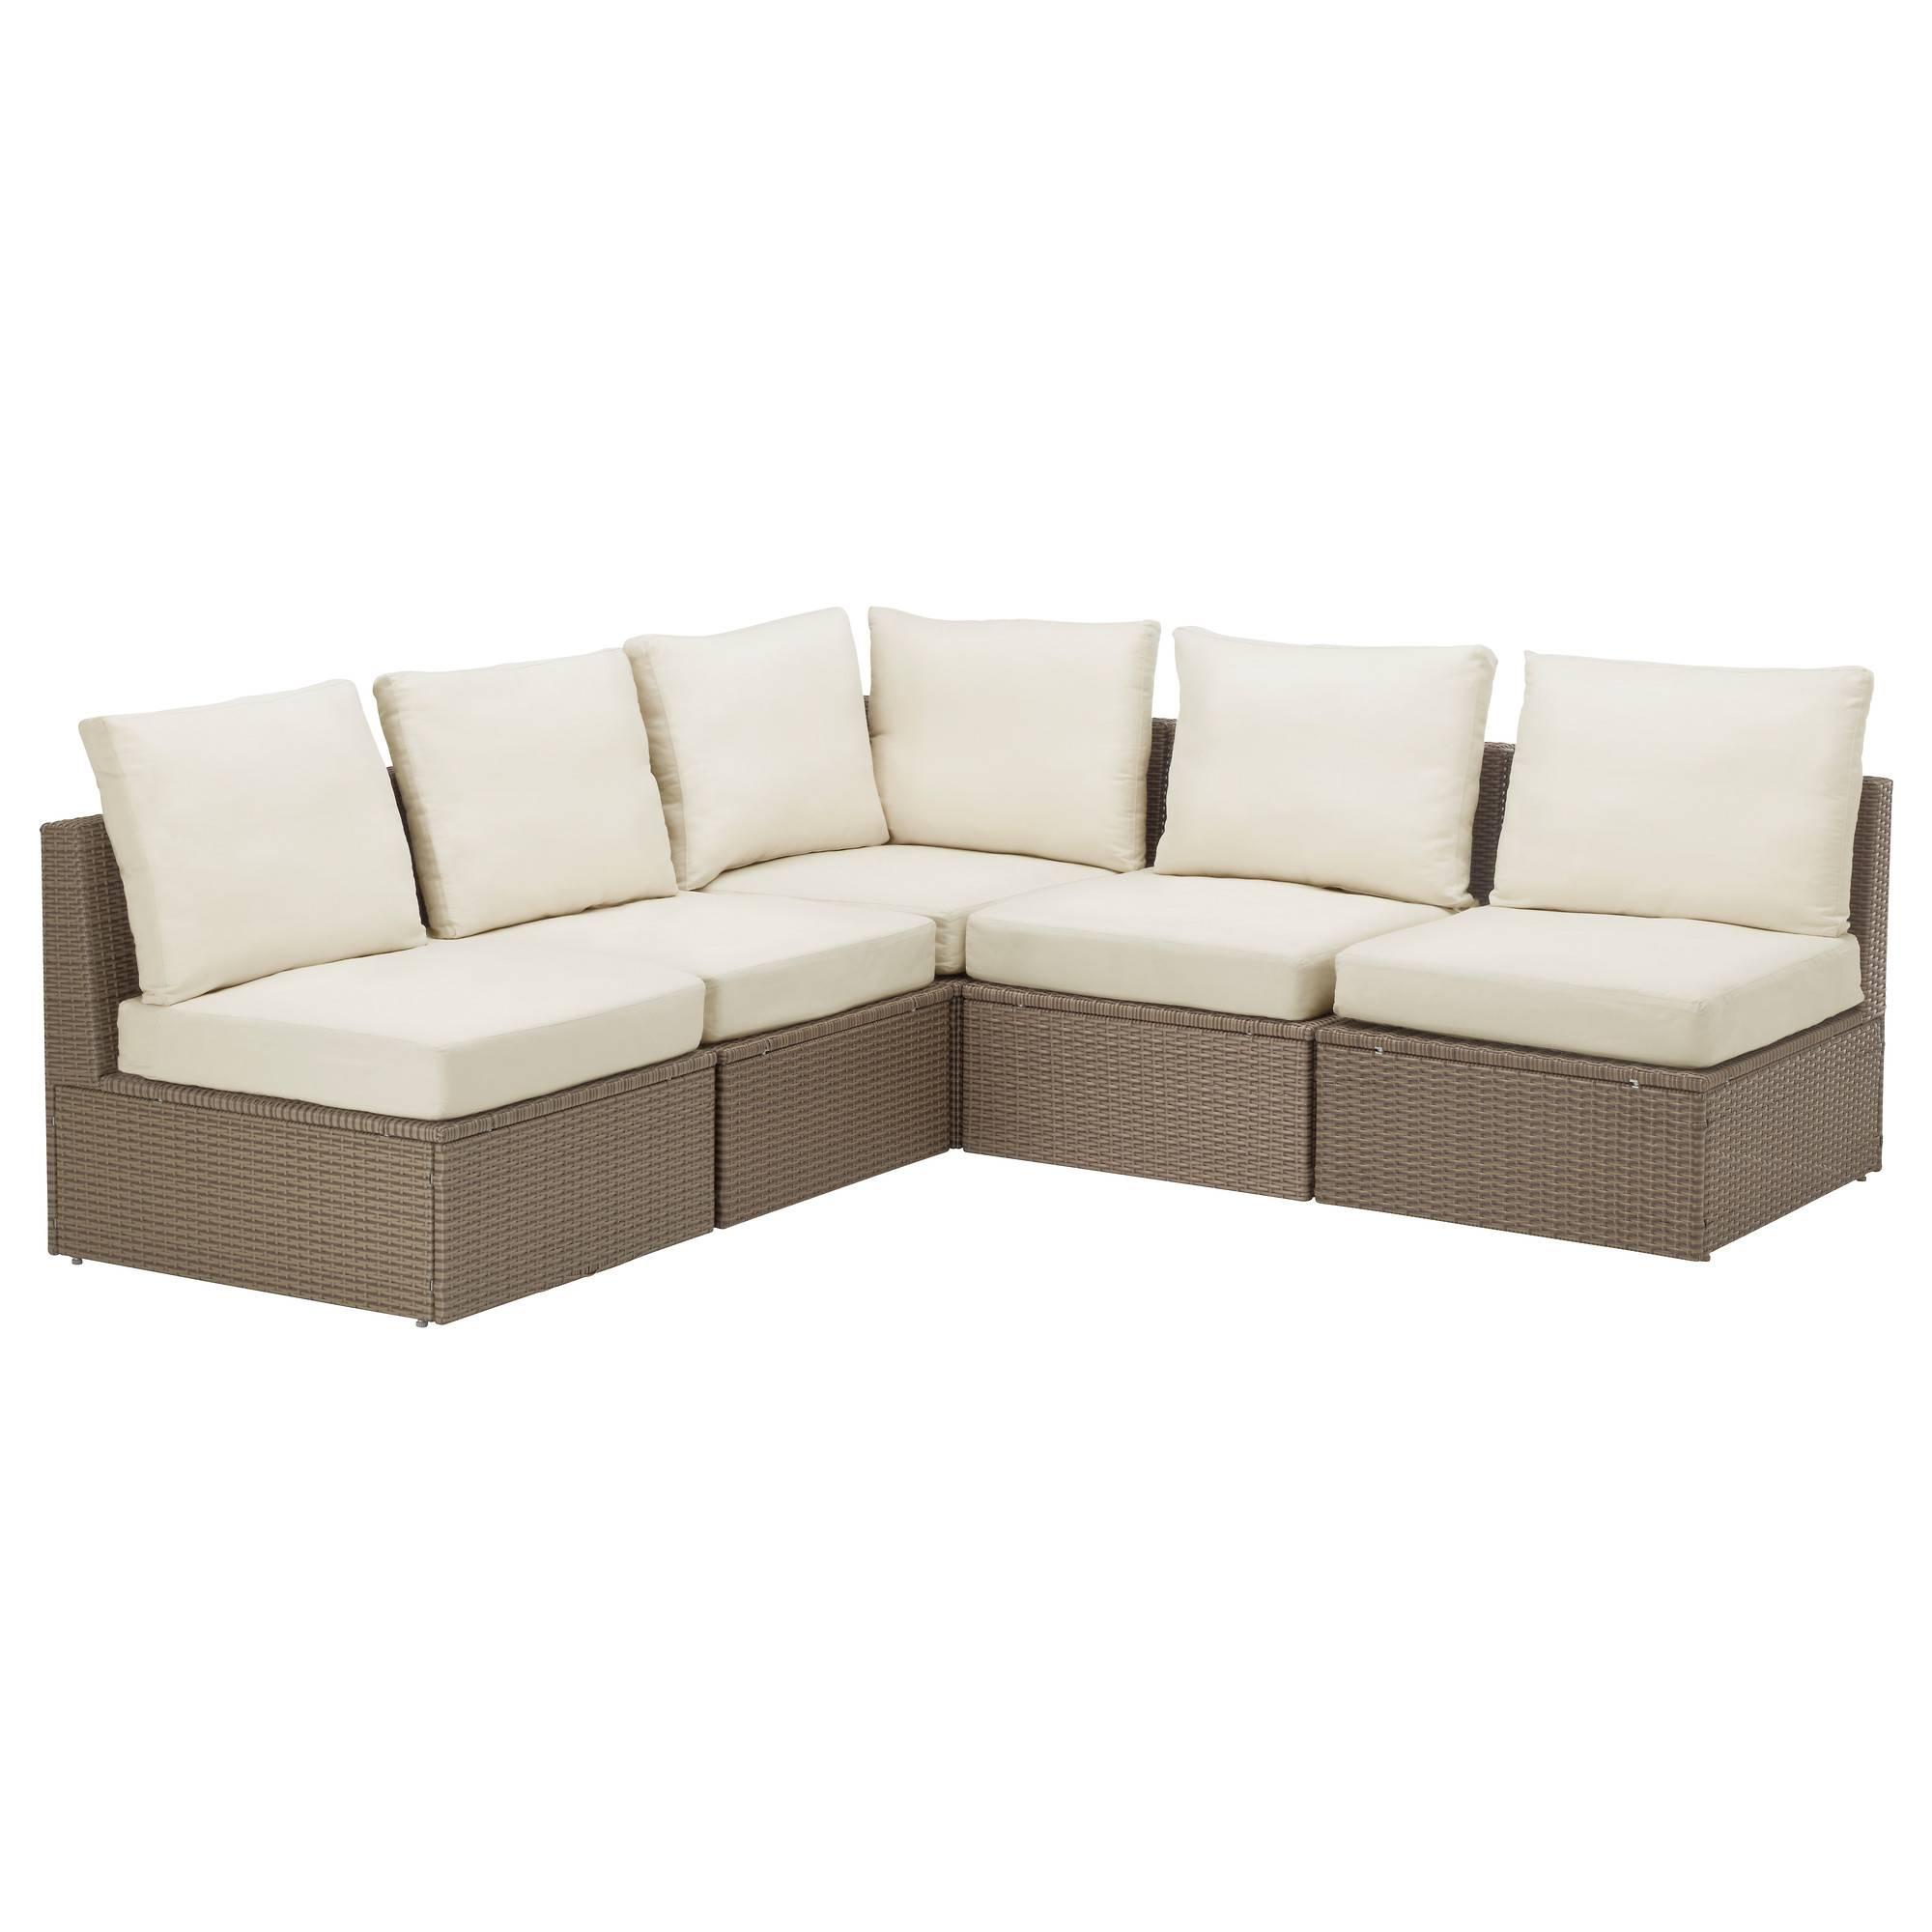 Arholma Corner Sofa 3+2, Outdoor Brown/beige 206/206X76X66 Cm – Ikea Regarding Corner Sofa Chairs (View 1 of 30)